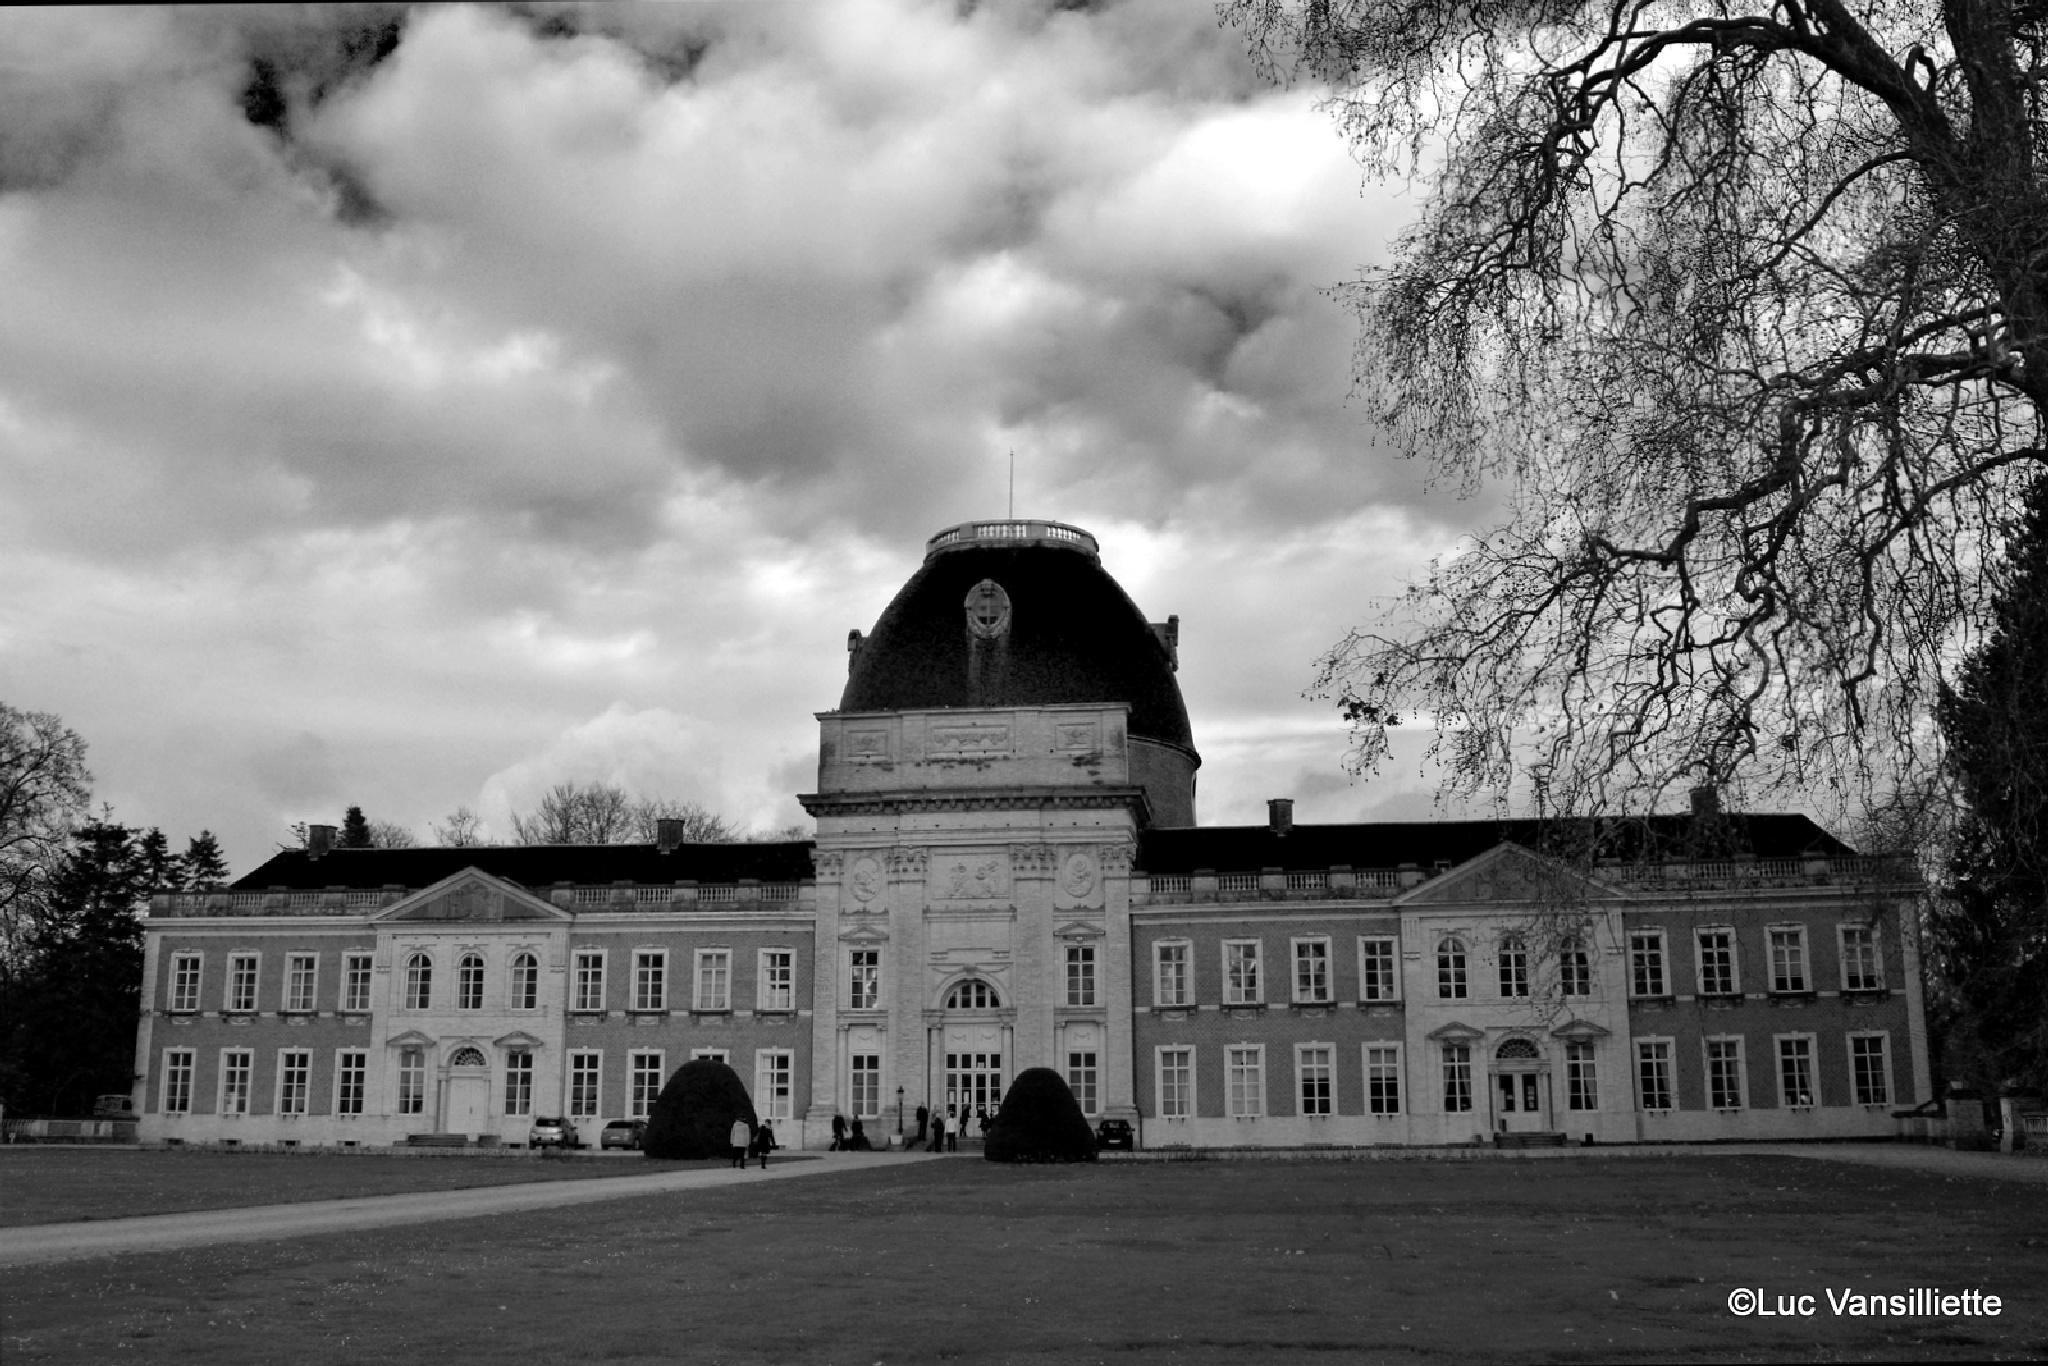 Castle Hélécine in Belgium by Luc Vansilliette